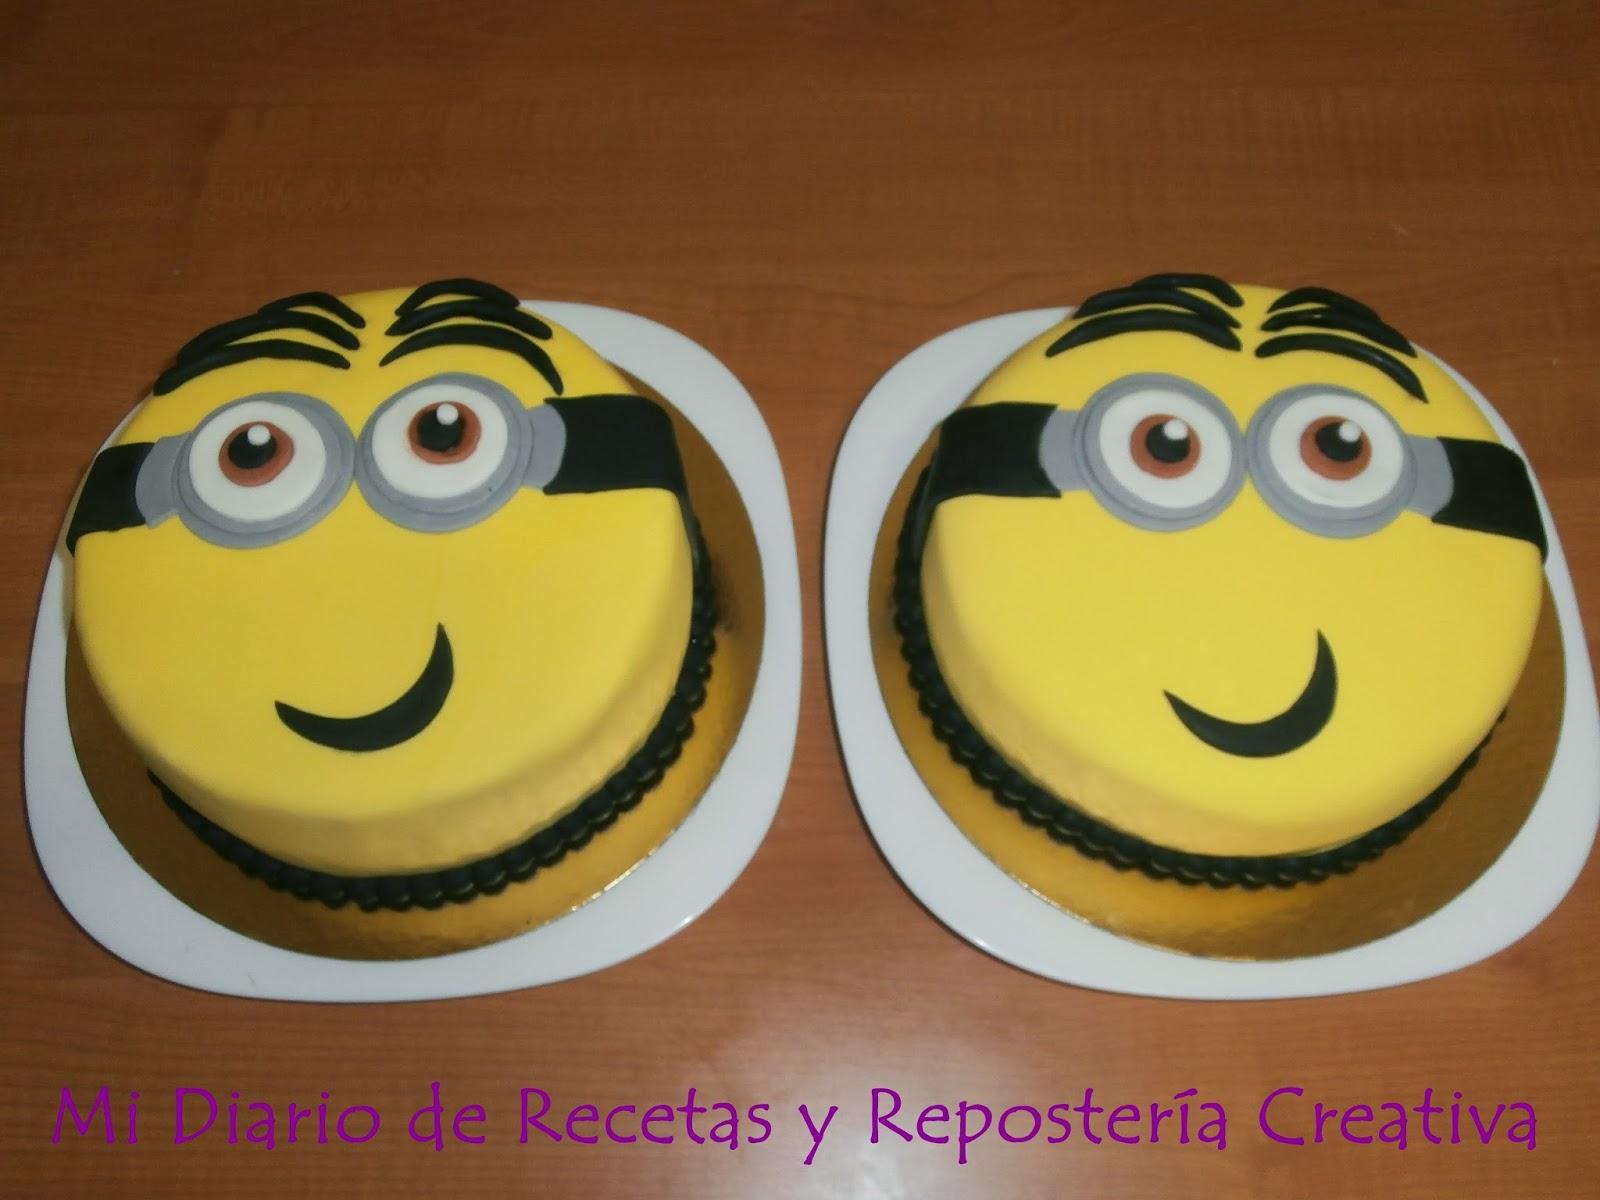 Mi diario de recetas y reposteria creativa tartas de minion - Ingredientes reposteria creativa ...